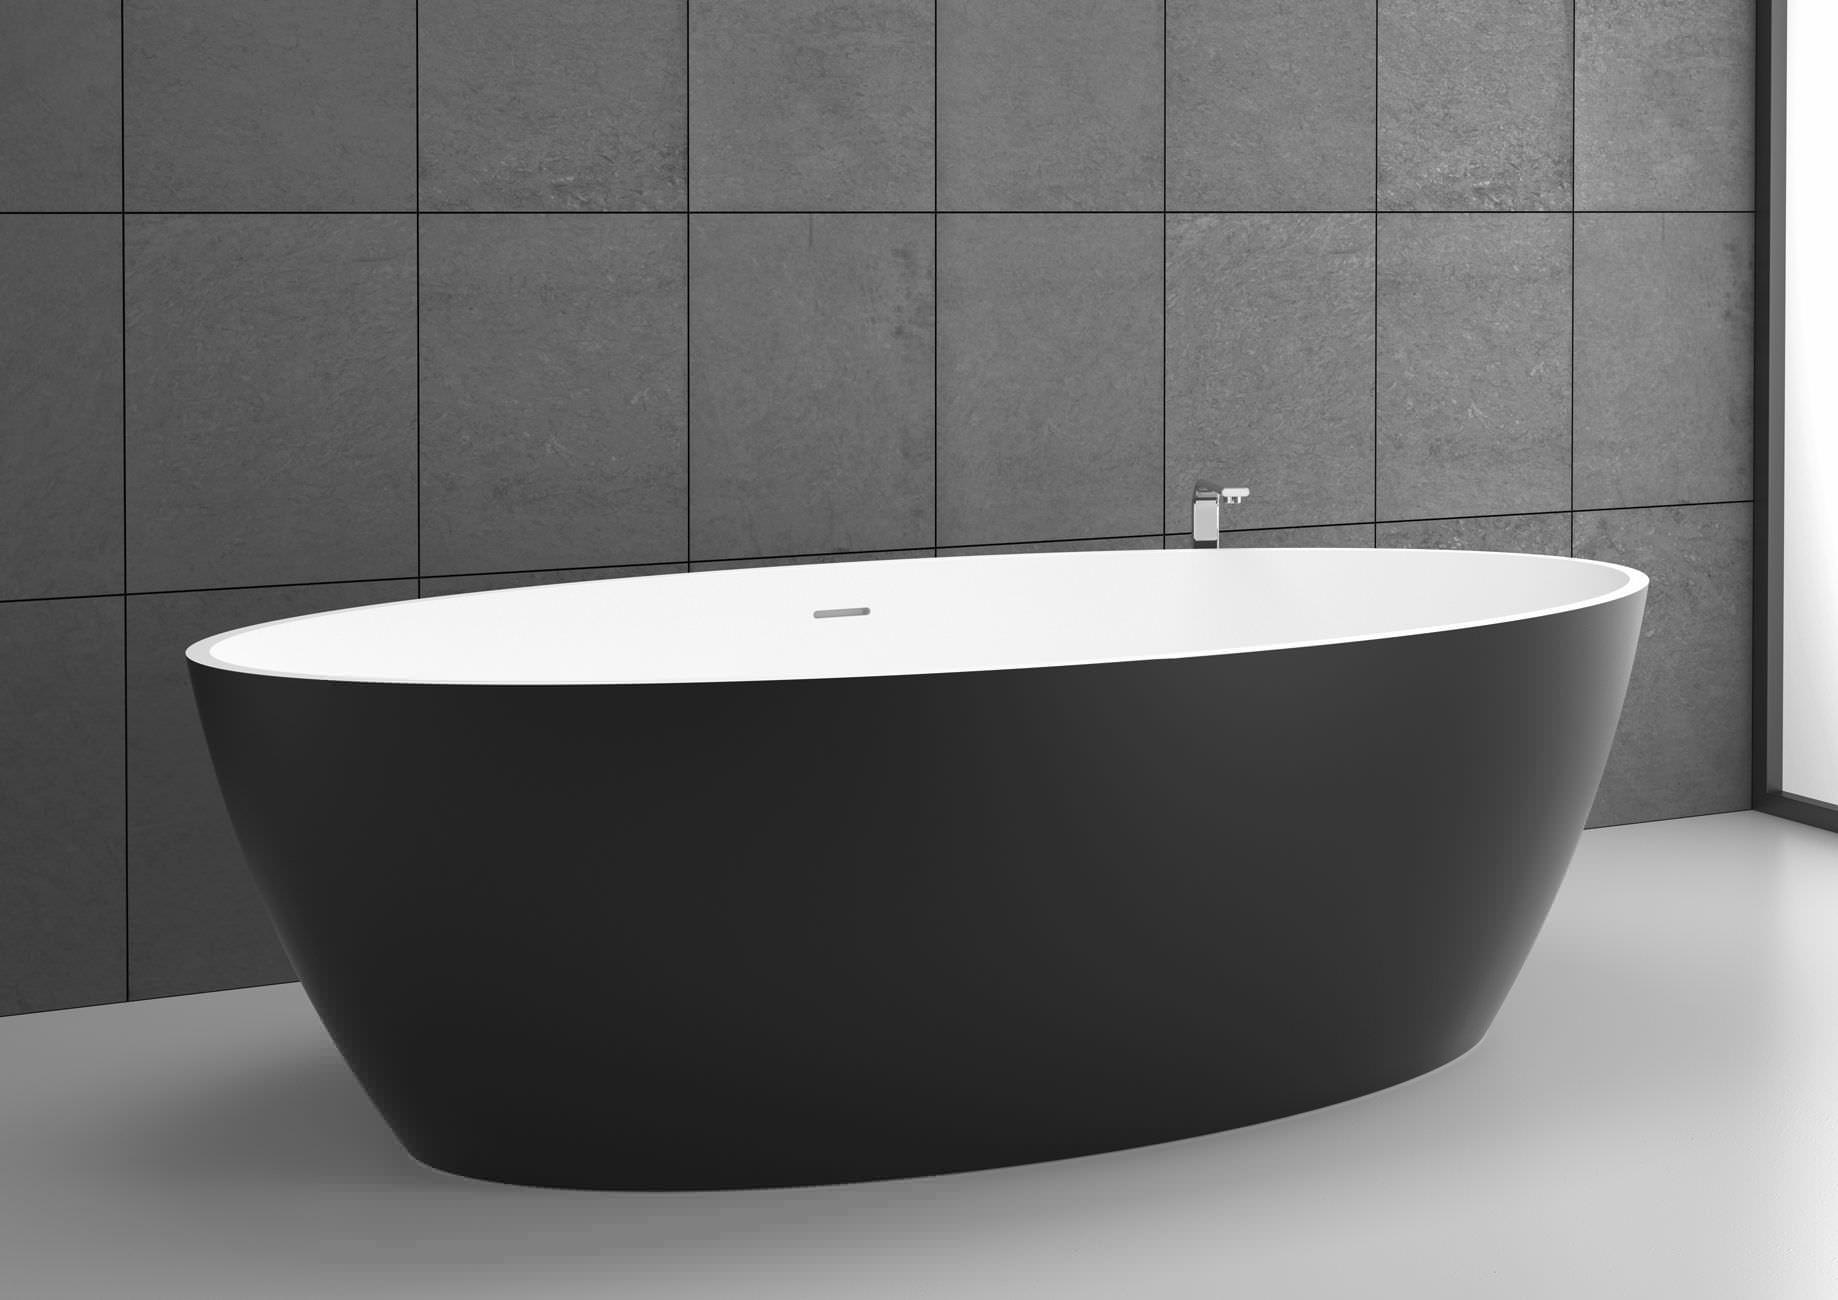 Vasca Da Appoggio : Vasca da bagno da appoggio ovale in solid surface space 180x85